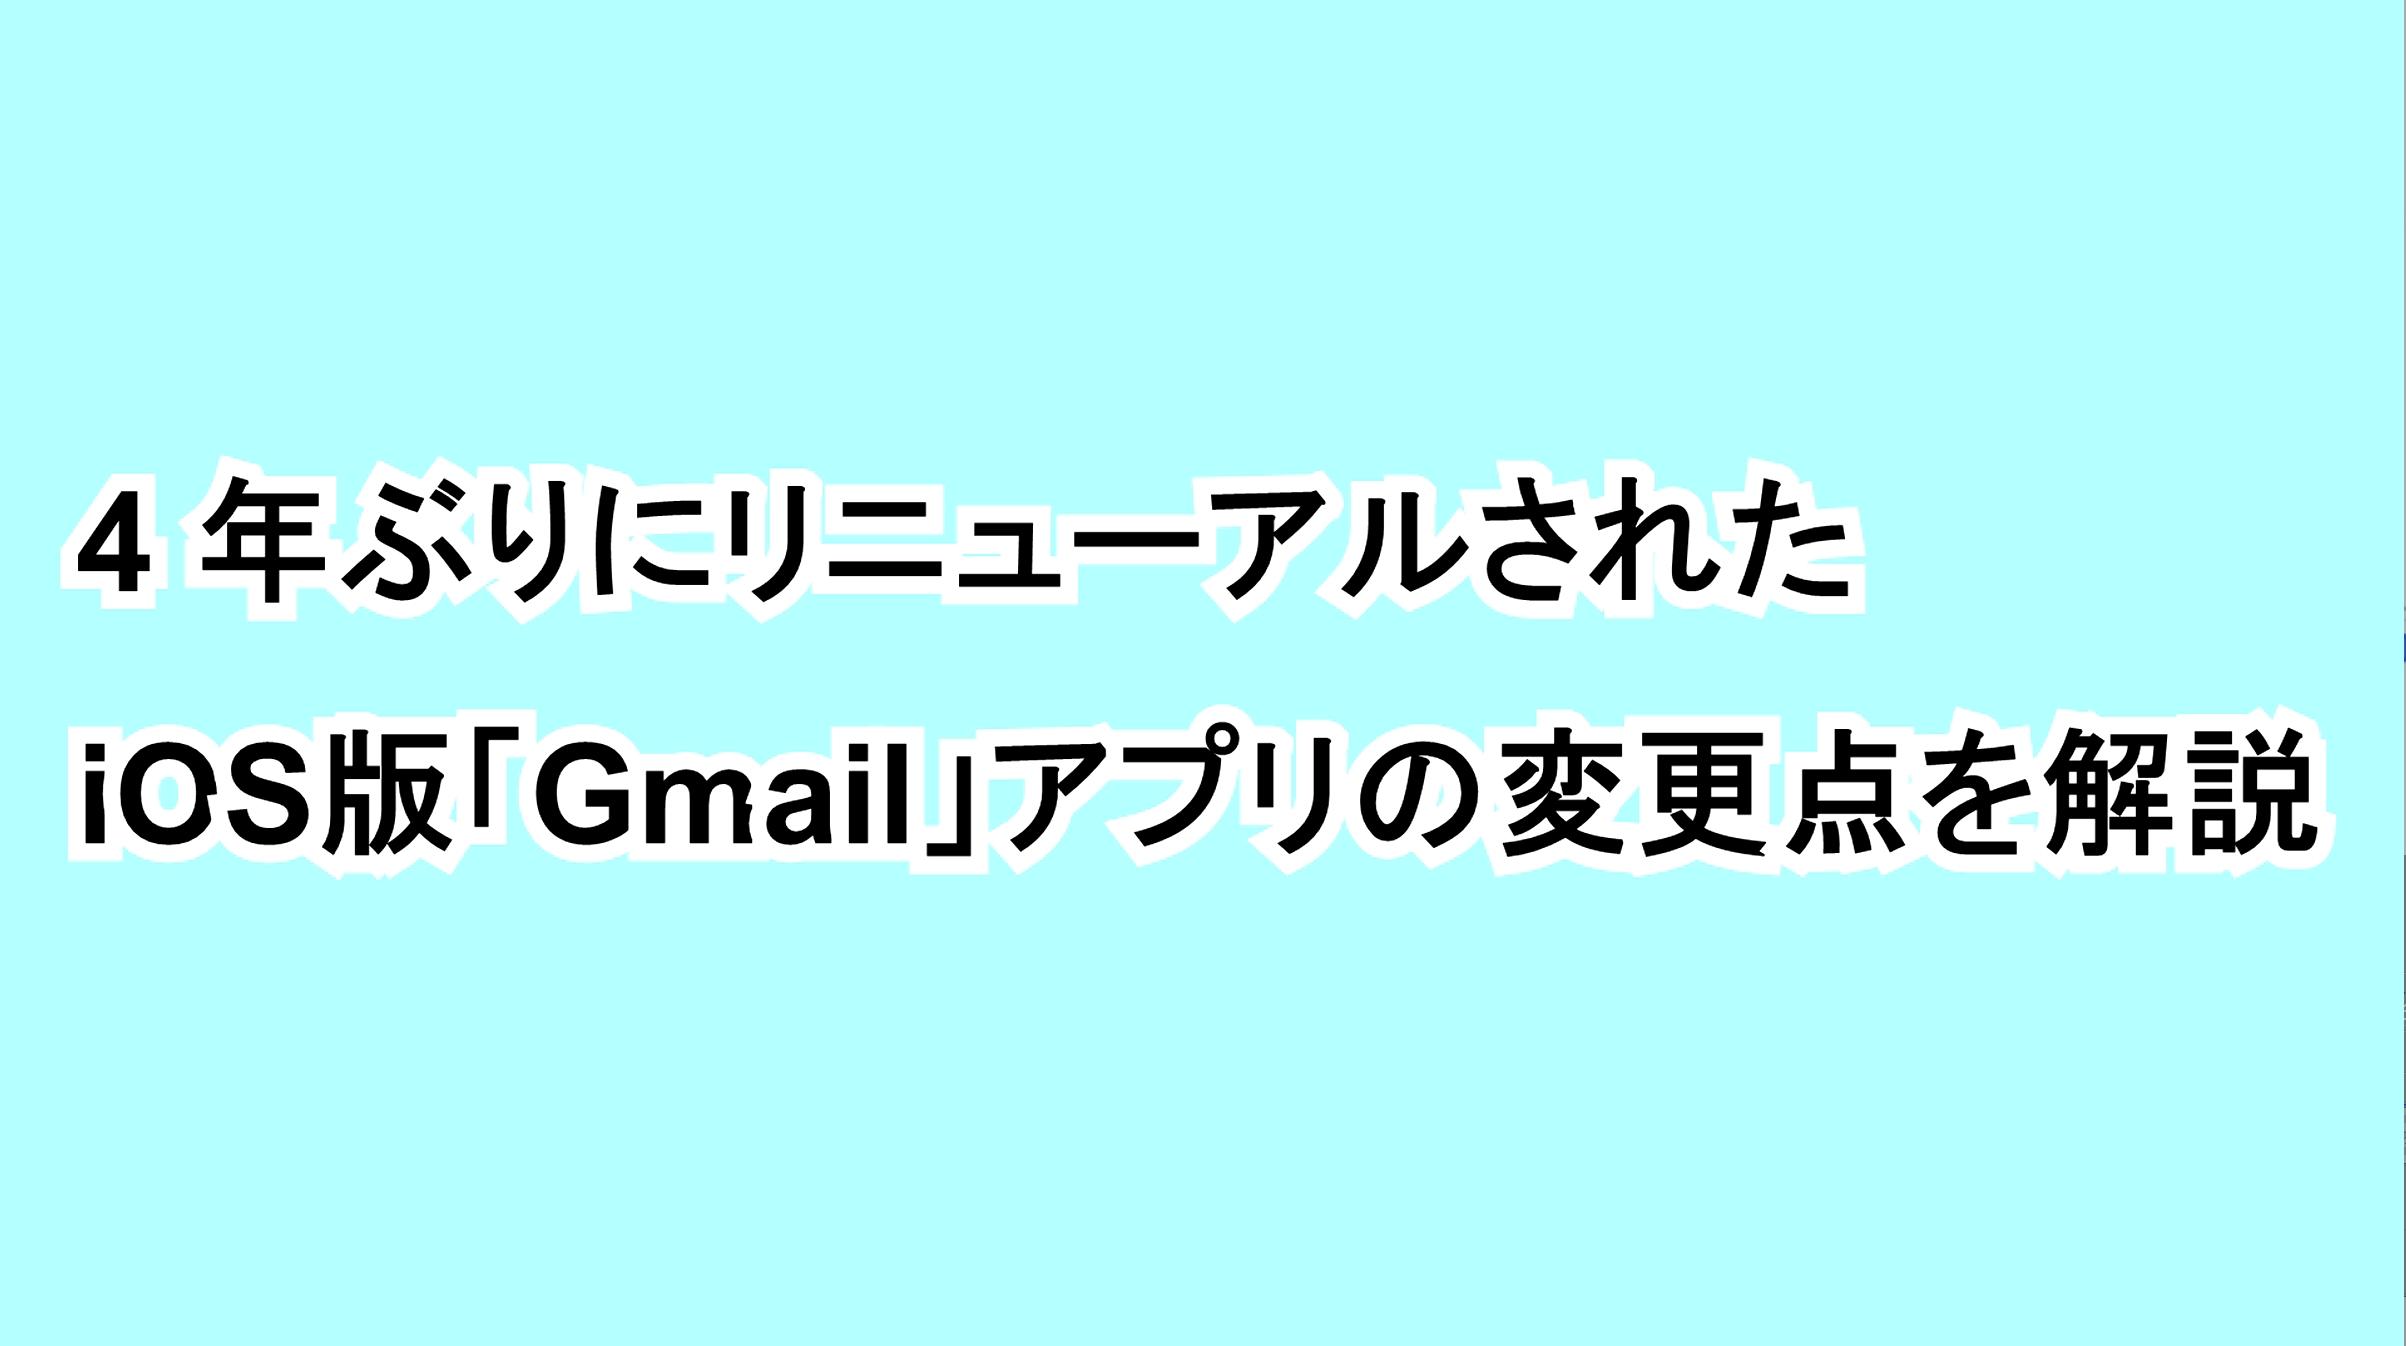 4年ぶりにリニューアルされたiOS版「Gmail」アプリの変更点を解説